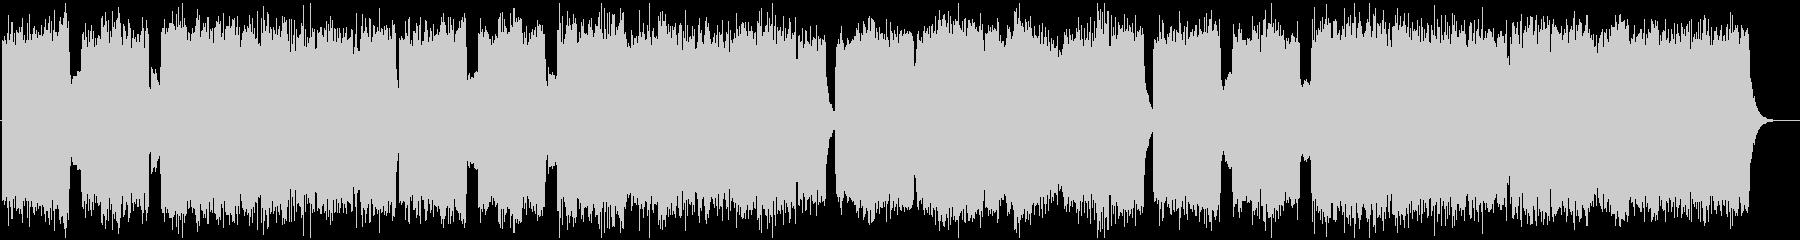 広がりのある教会風BGMの未再生の波形